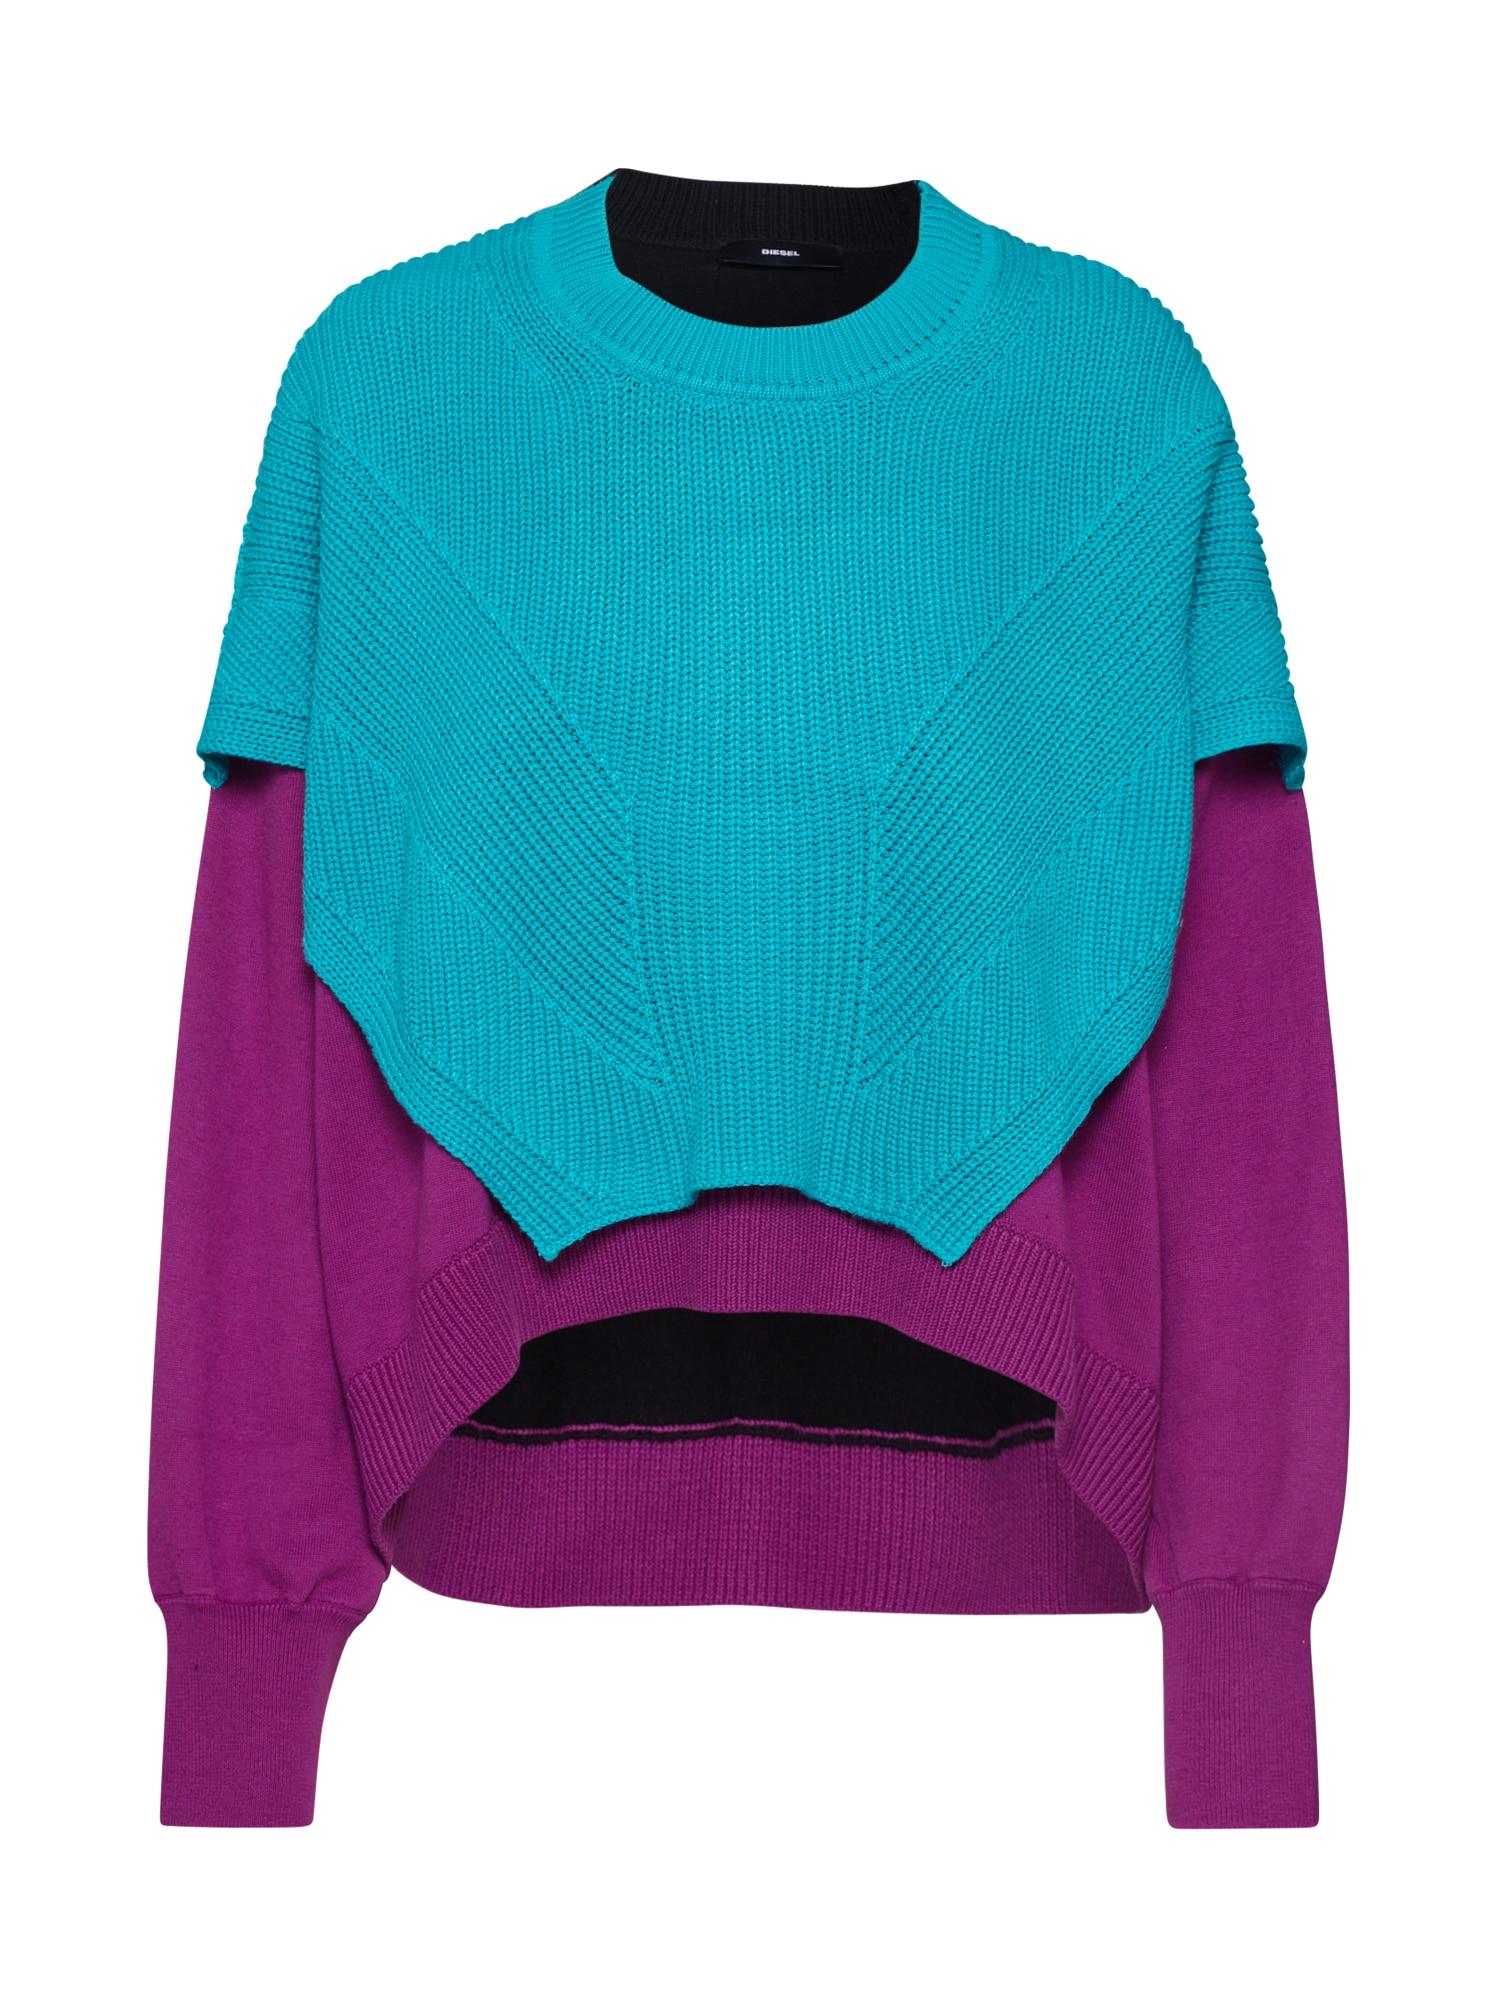 DIESEL Megztinis 'M-NEXY' turkio spalva / purpurinė